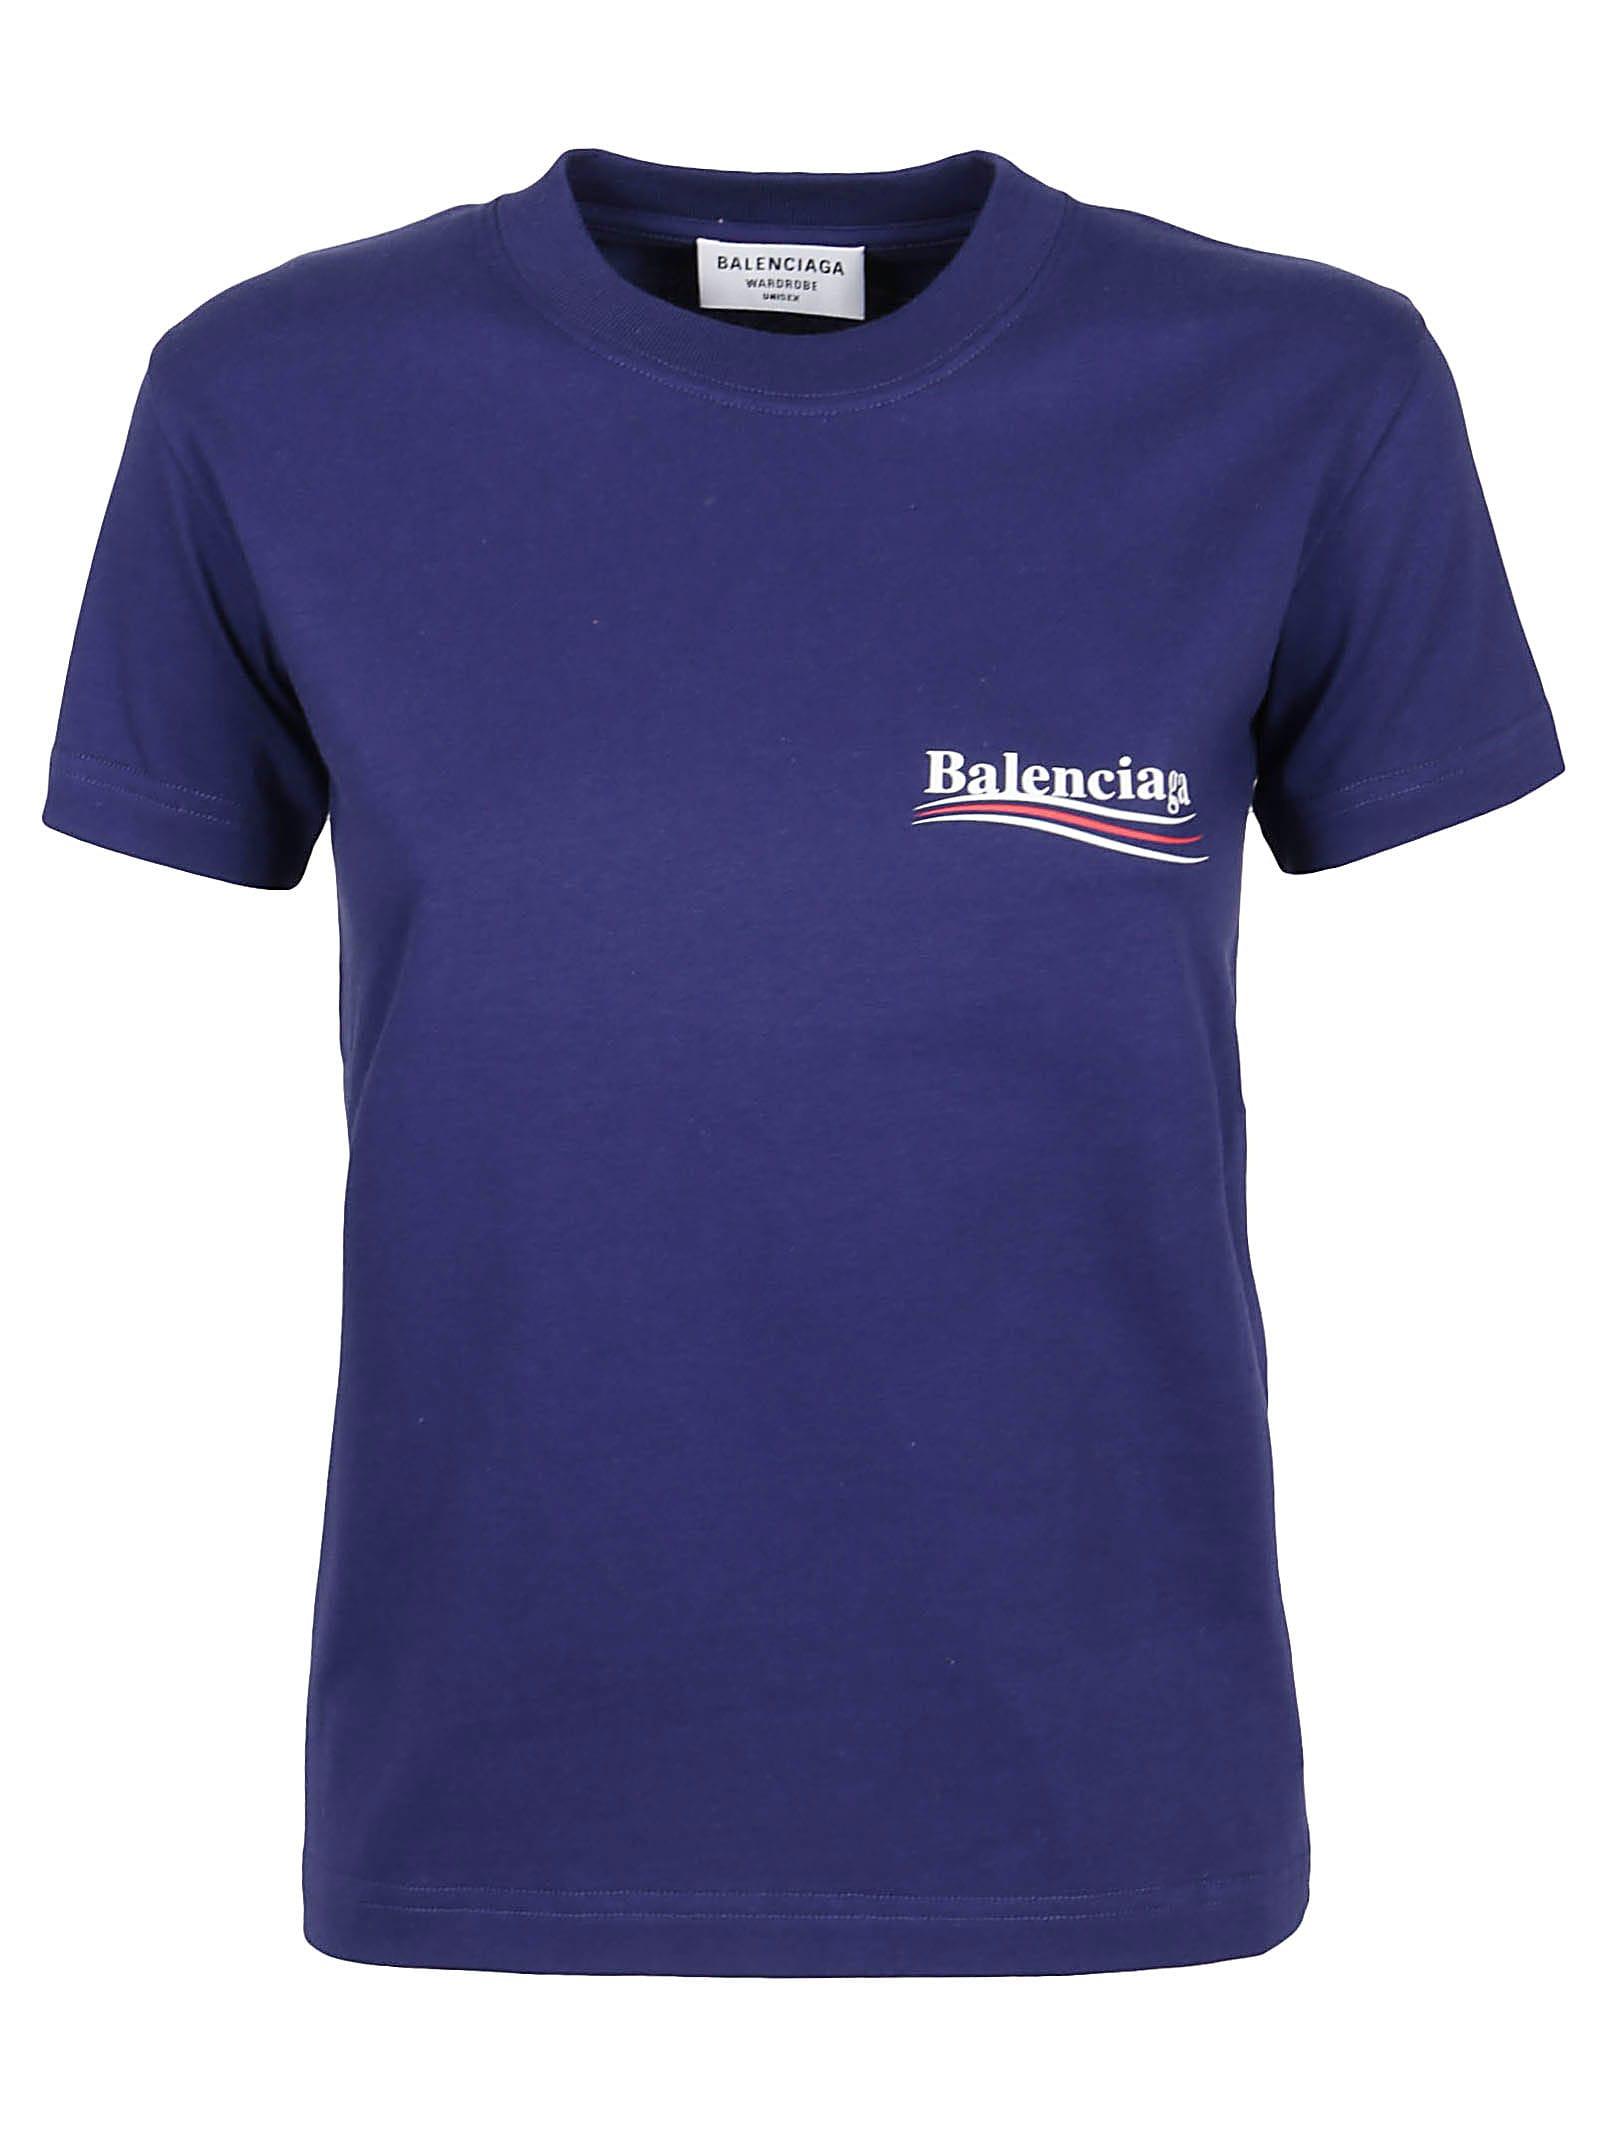 Balenciaga T-shirts SMALL FIT T-SHIRT